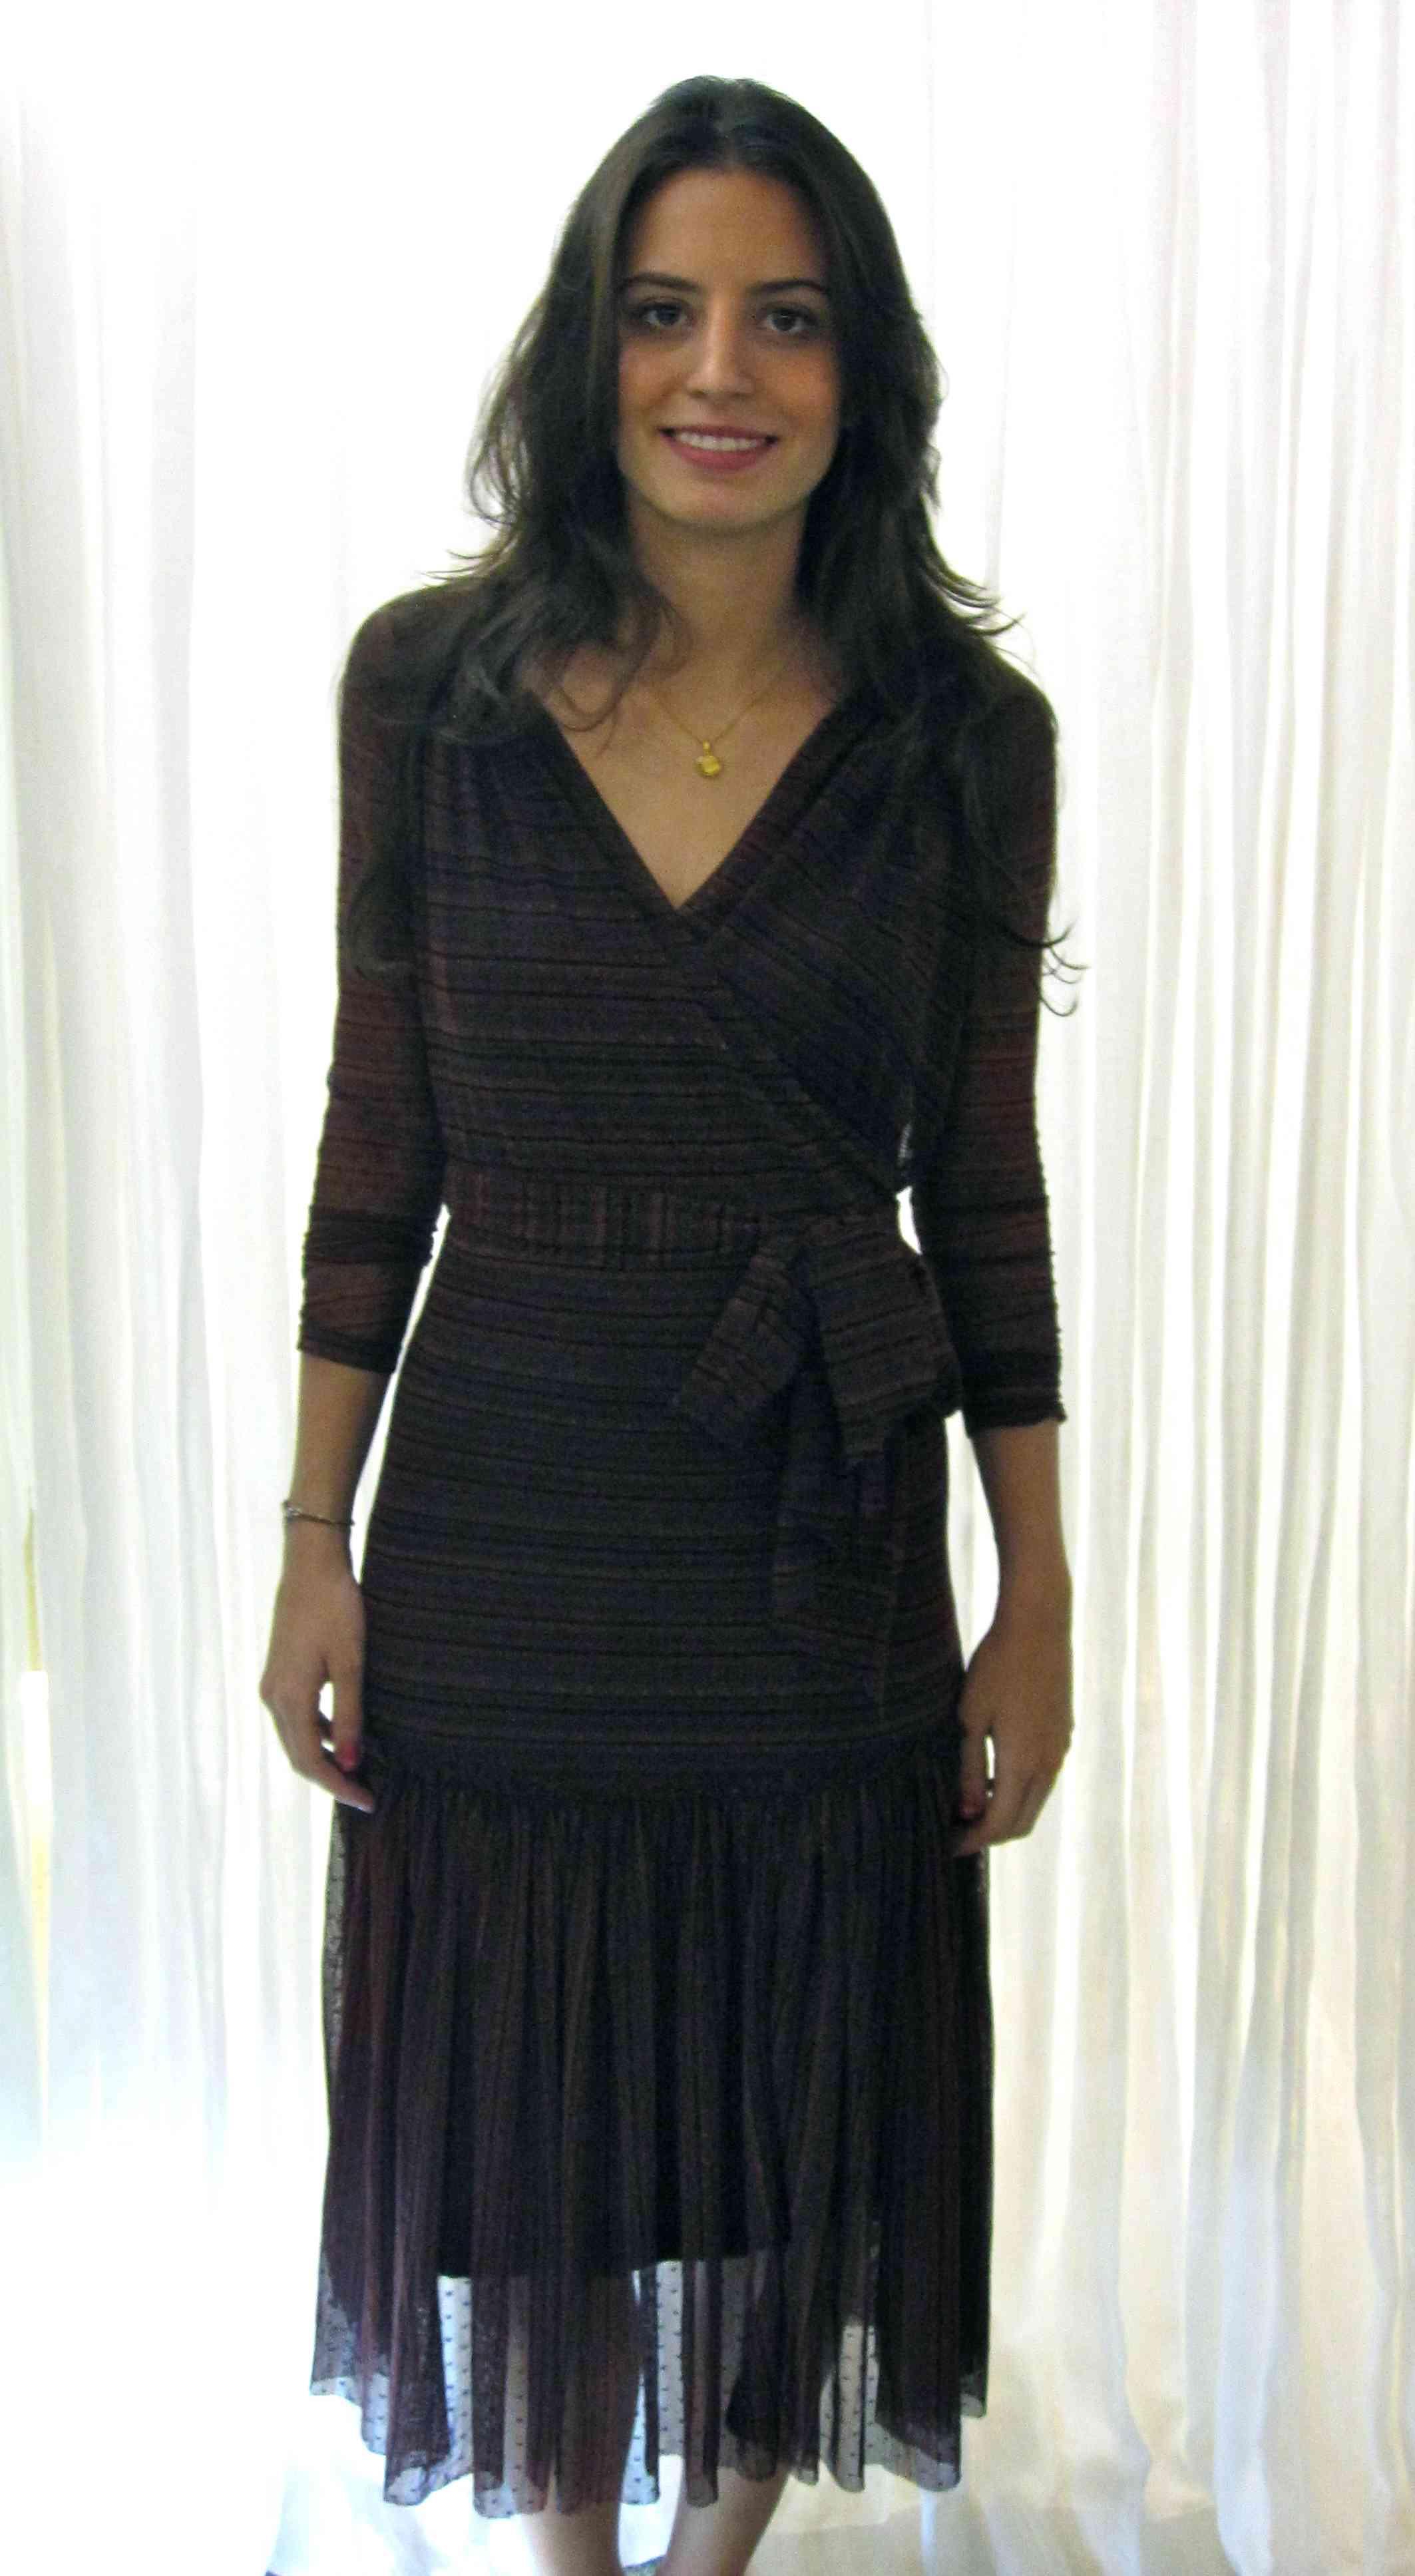 Wrap dress de filó estampado de vinho, com segunda pele preta: prático, bonito e eterno!